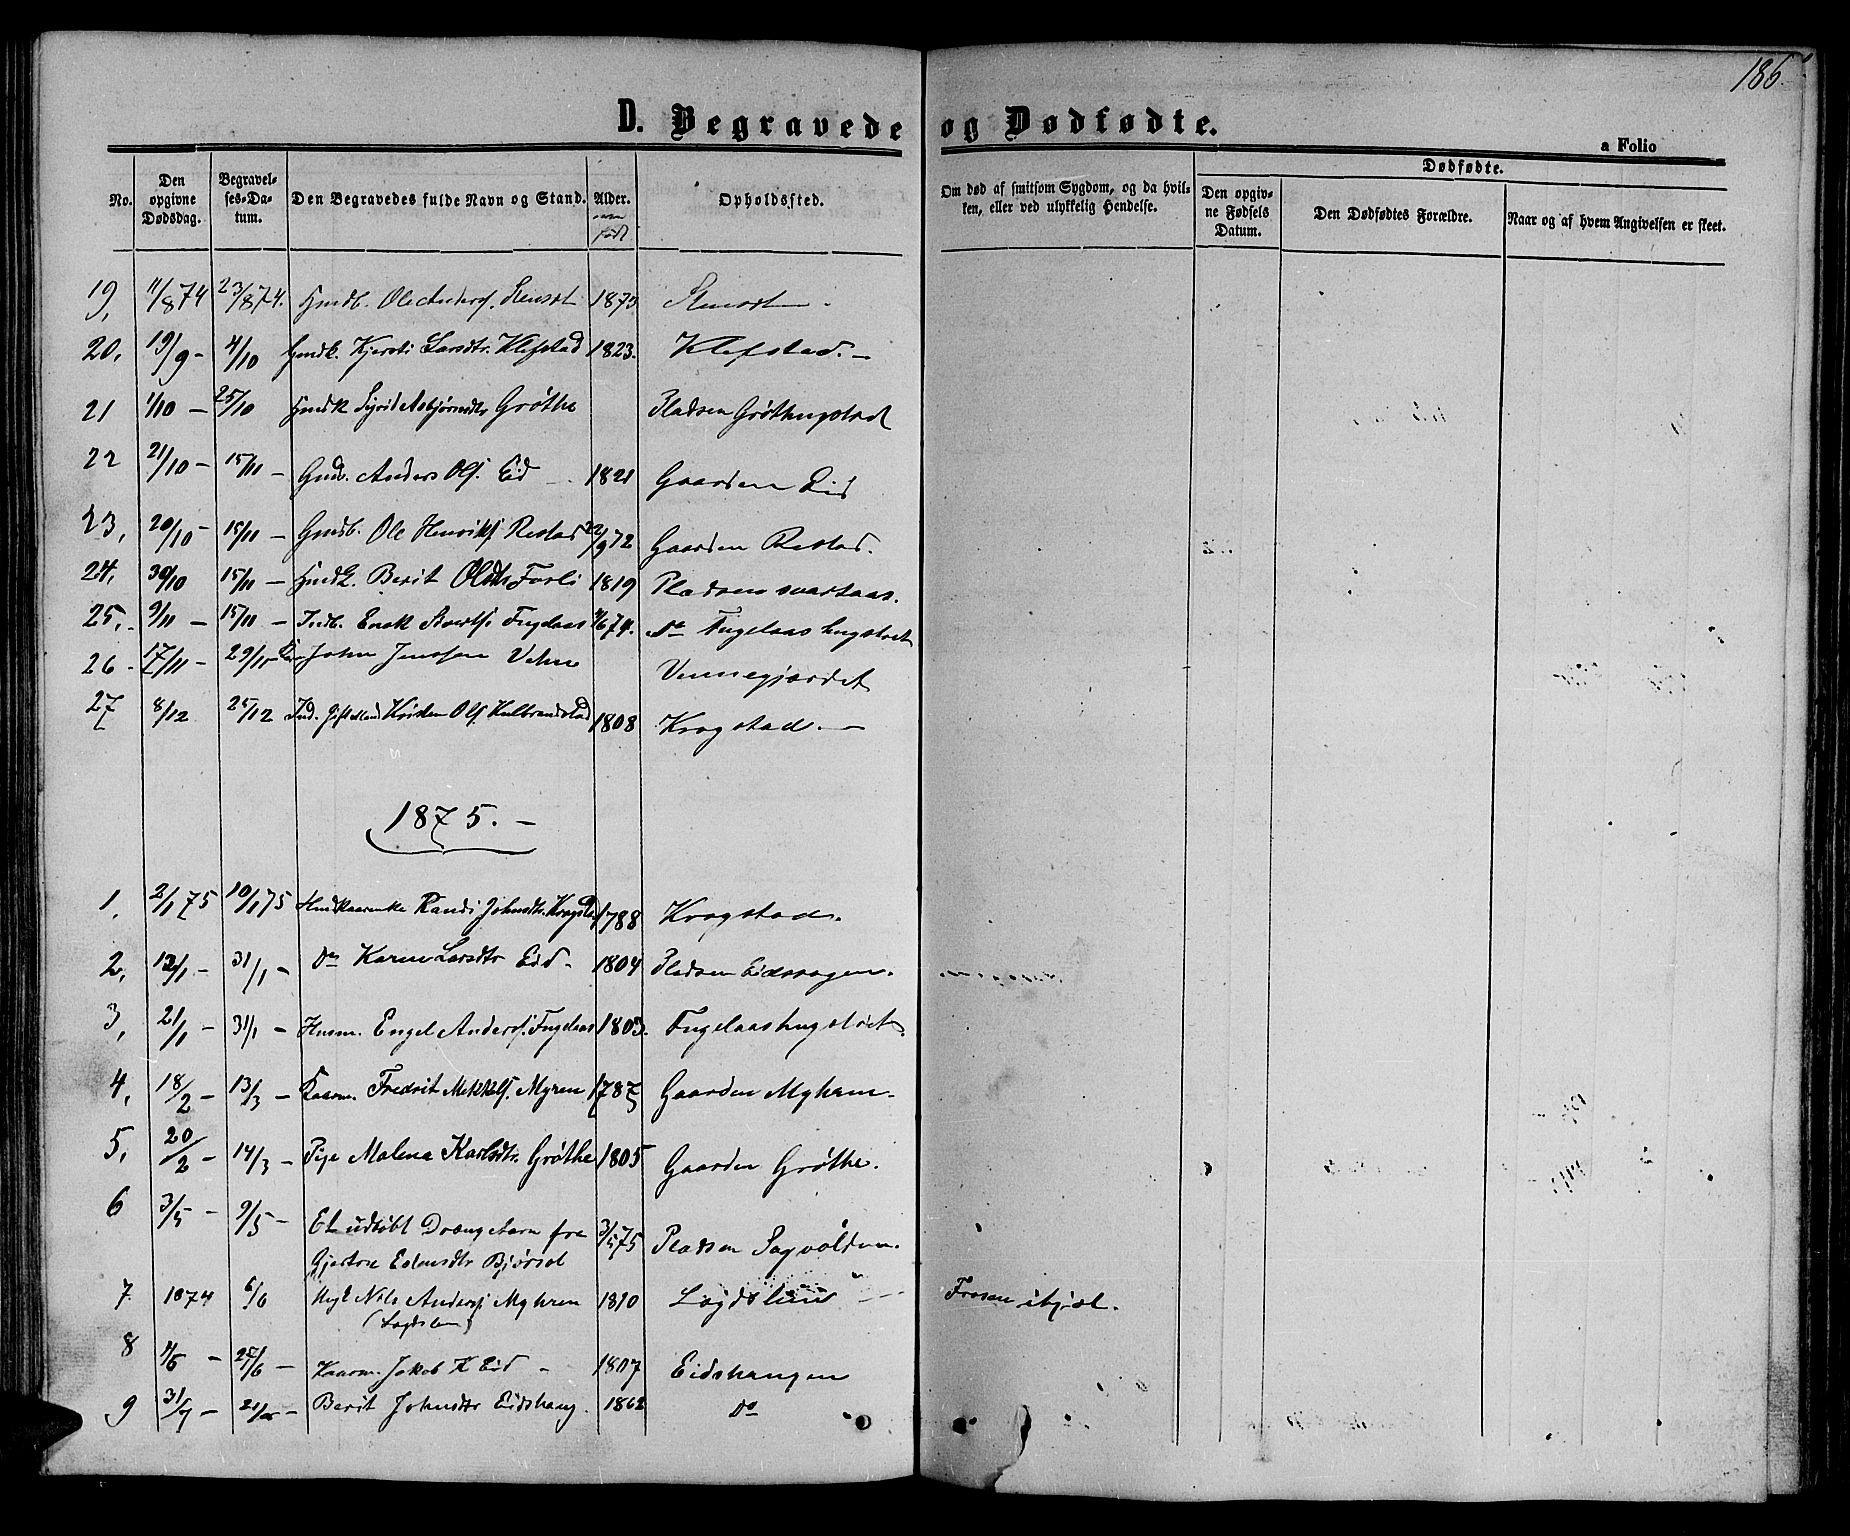 SAT, Ministerialprotokoller, klokkerbøker og fødselsregistre - Sør-Trøndelag, 694/L1131: Klokkerbok nr. 694C03, 1858-1886, s. 186